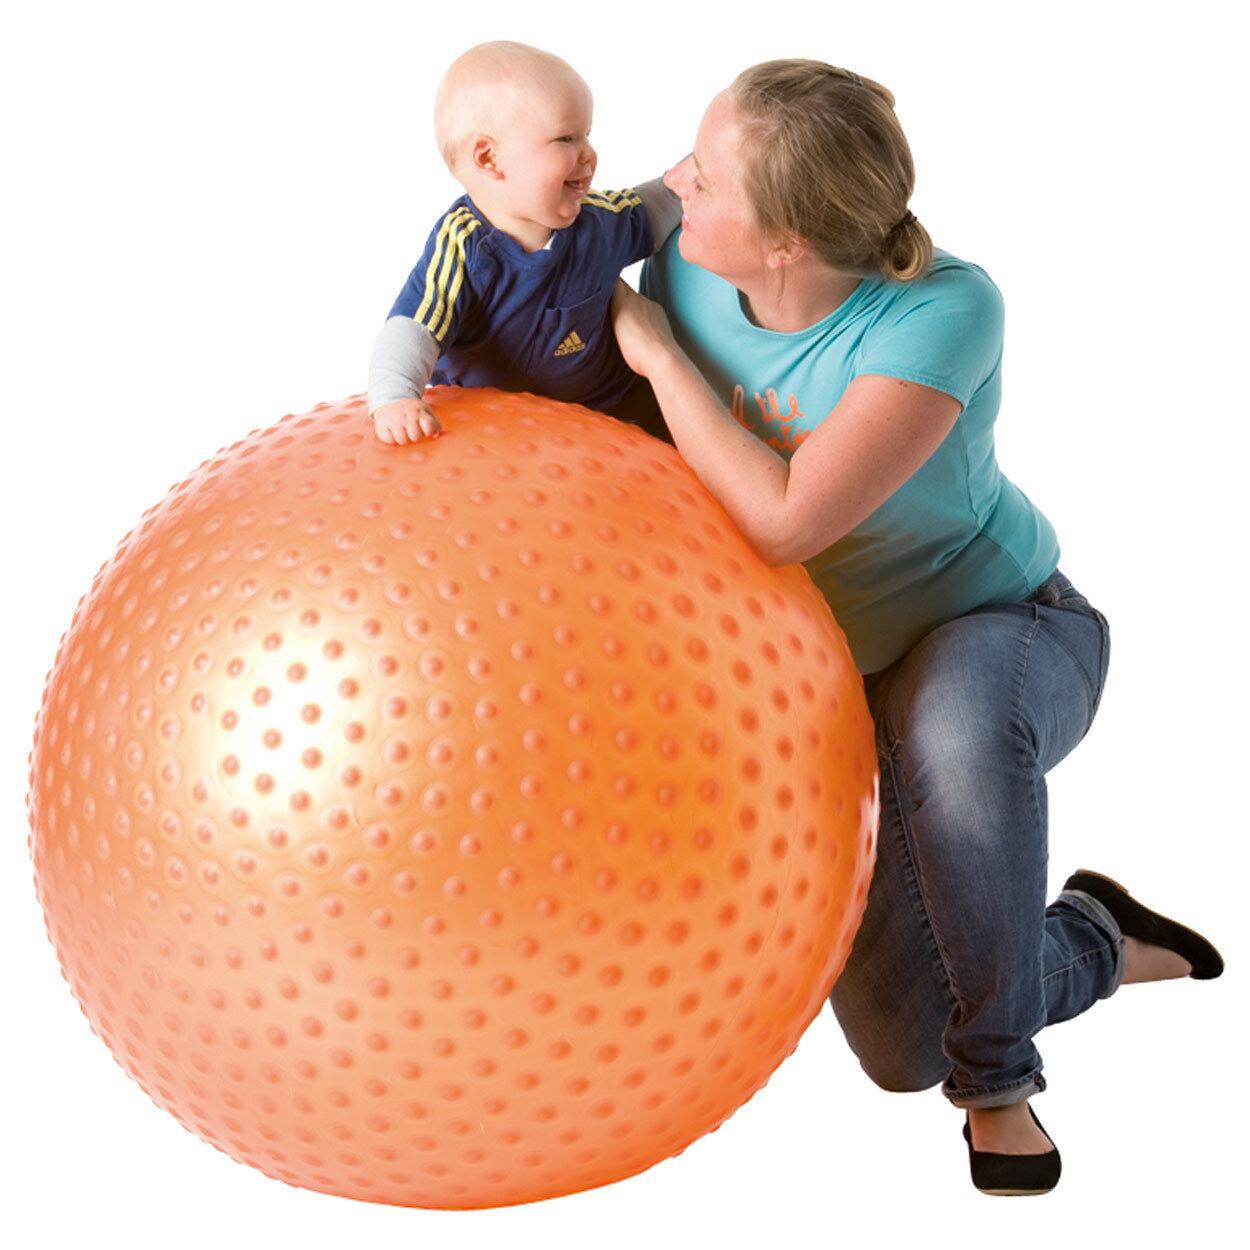 Togu pelota de gimnasia senso push pelota ABS sede de oficina pelota pelota fitness pelota